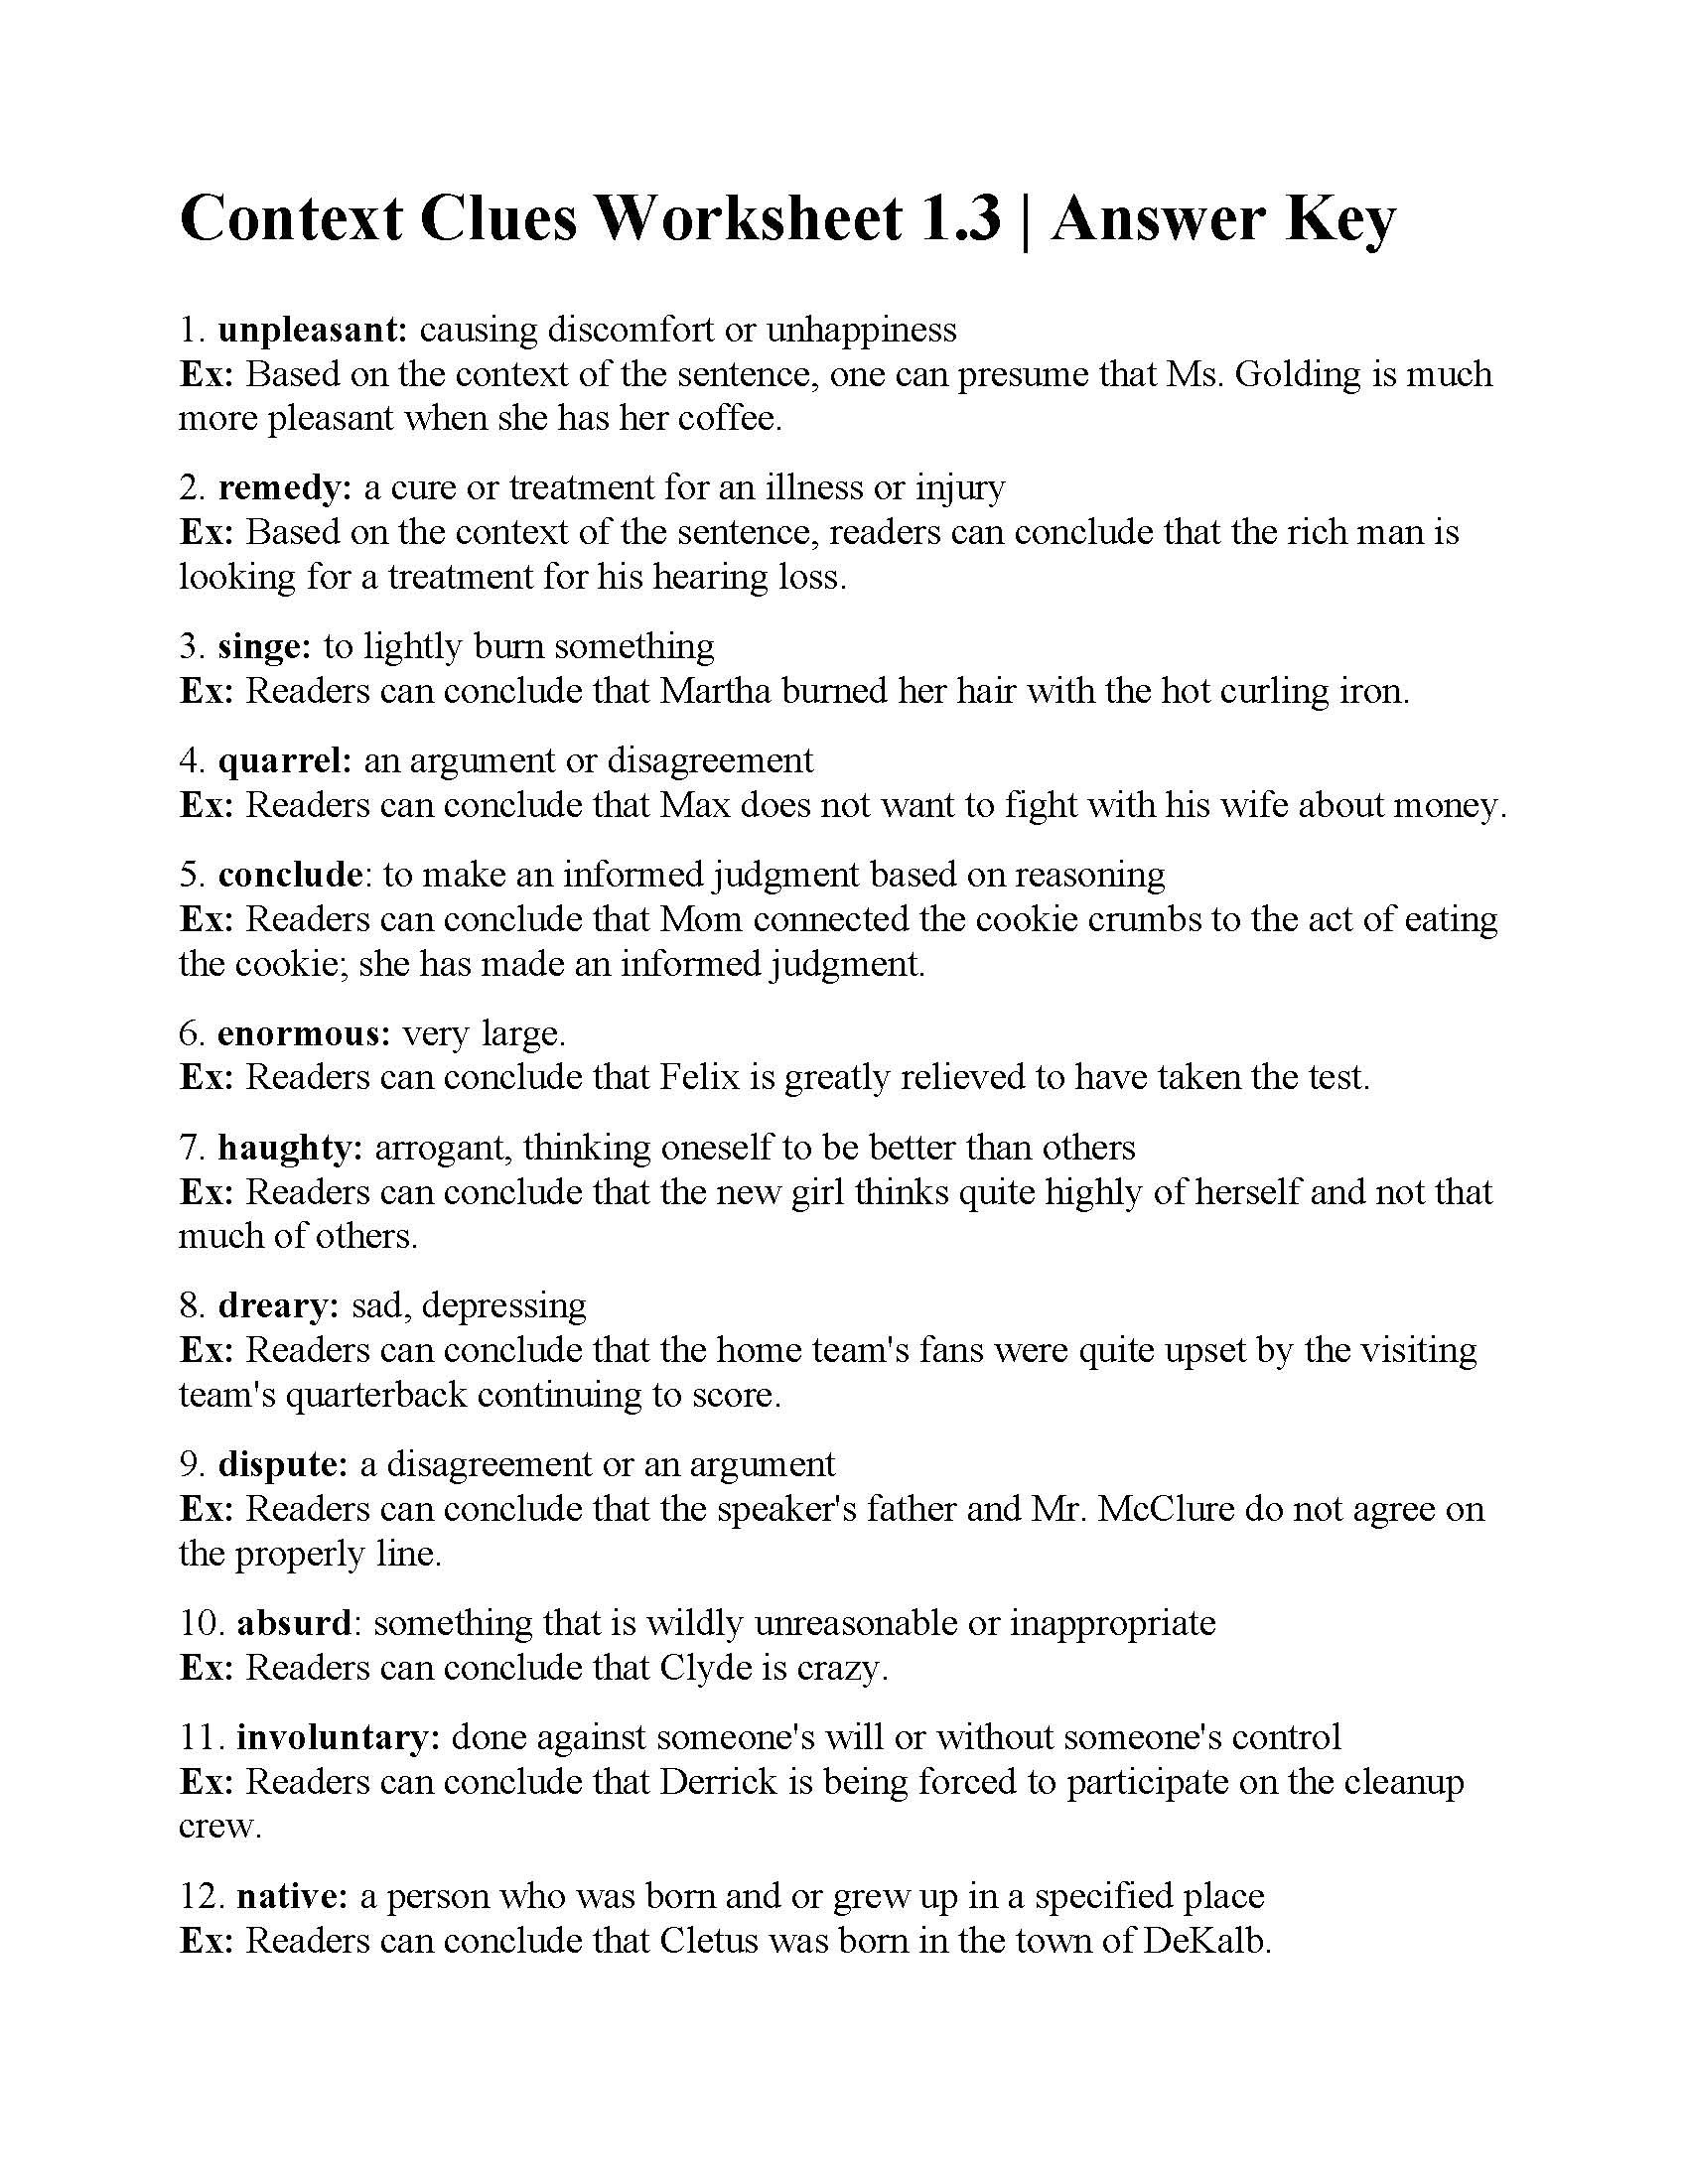 5th Grade Context Clues Worksheets Context Clues Worksheet 1 3